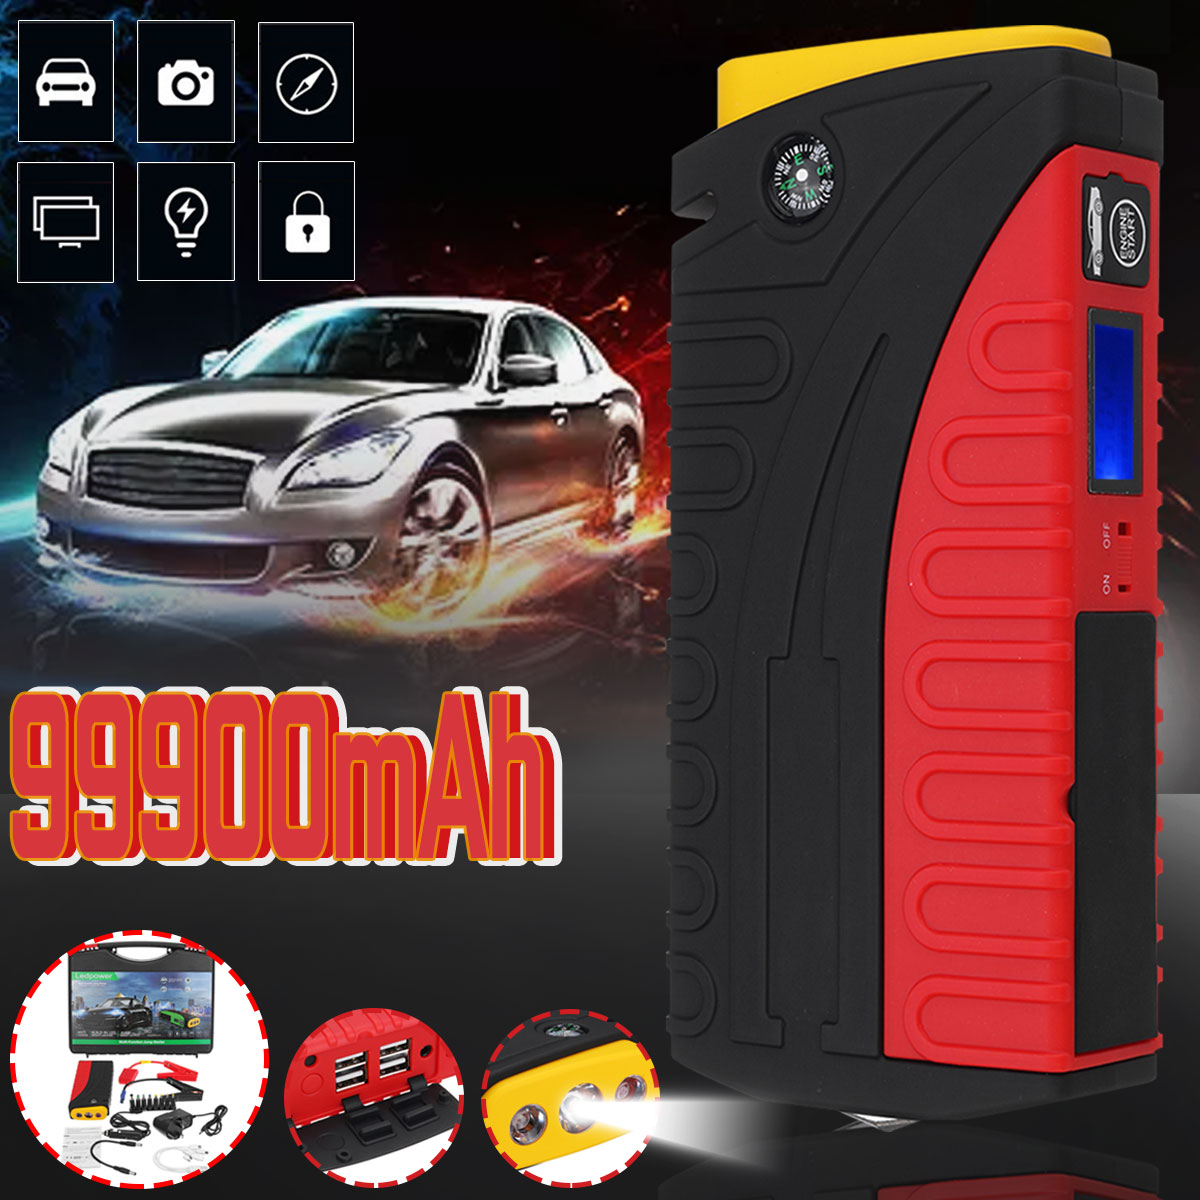 99900 mAh grande capacité voiture saut démarrage démarreur batterie externe Booster 12 V 600A LED 4 USB voiture chargeur de secours batterie étanche